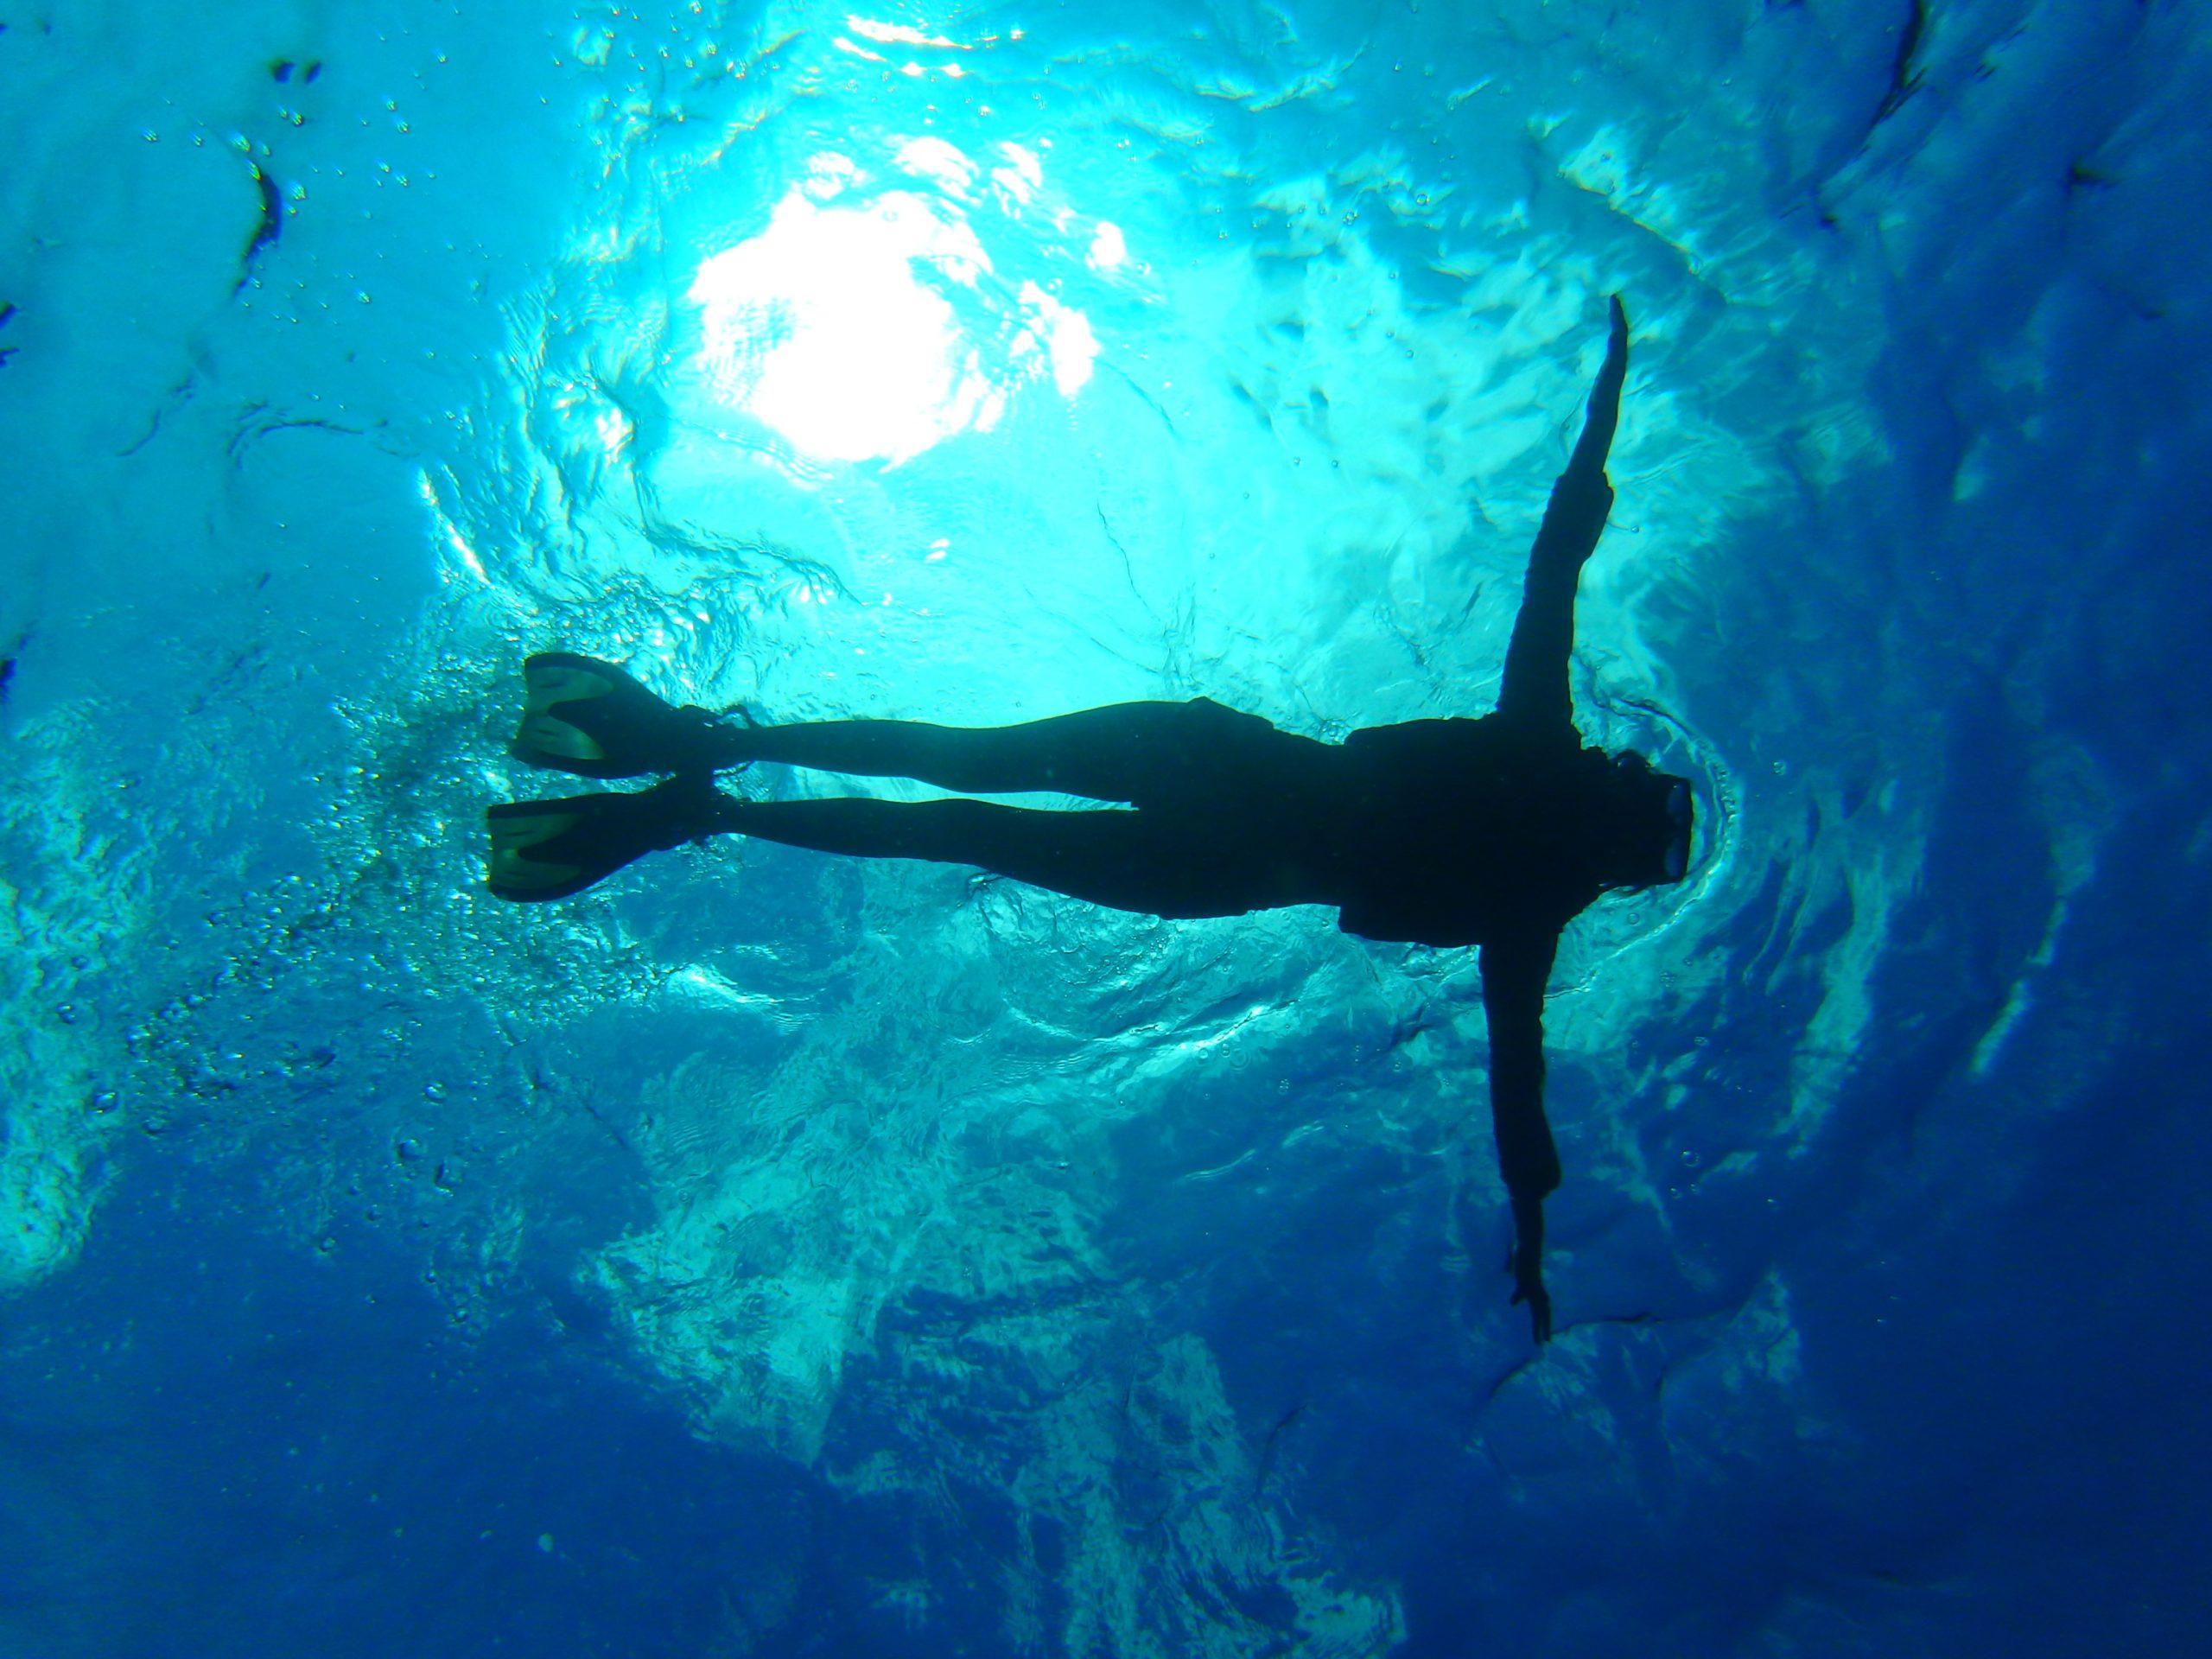 藍洞和美麗的大海浮潛體驗之旅